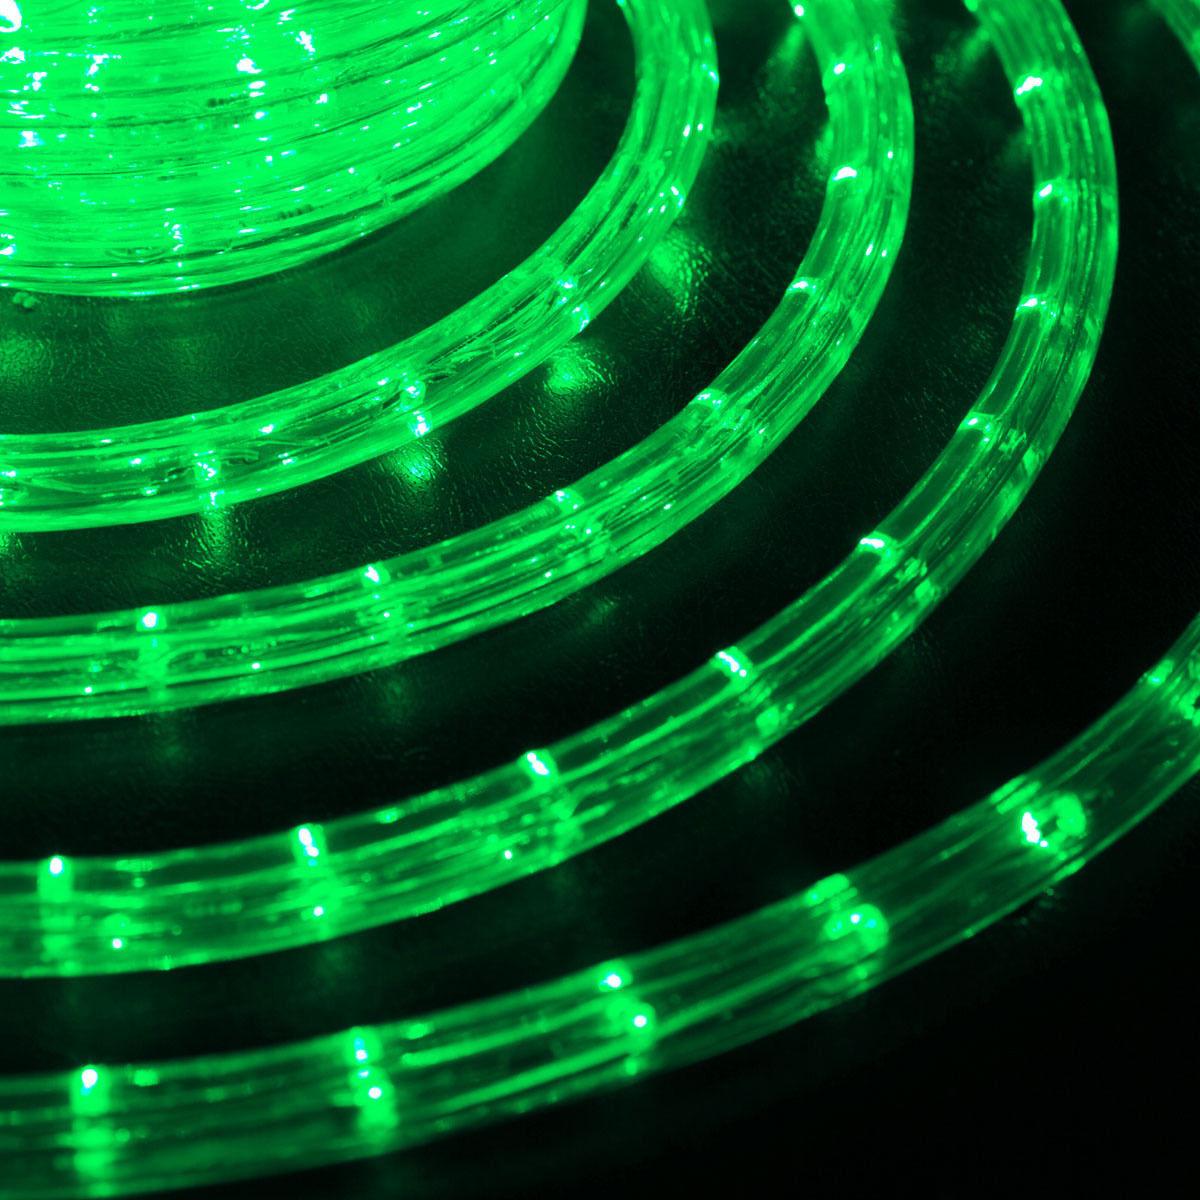 Гирлянда Дюралайт светодиодная новогодняя уличная  10 метров Зеленый